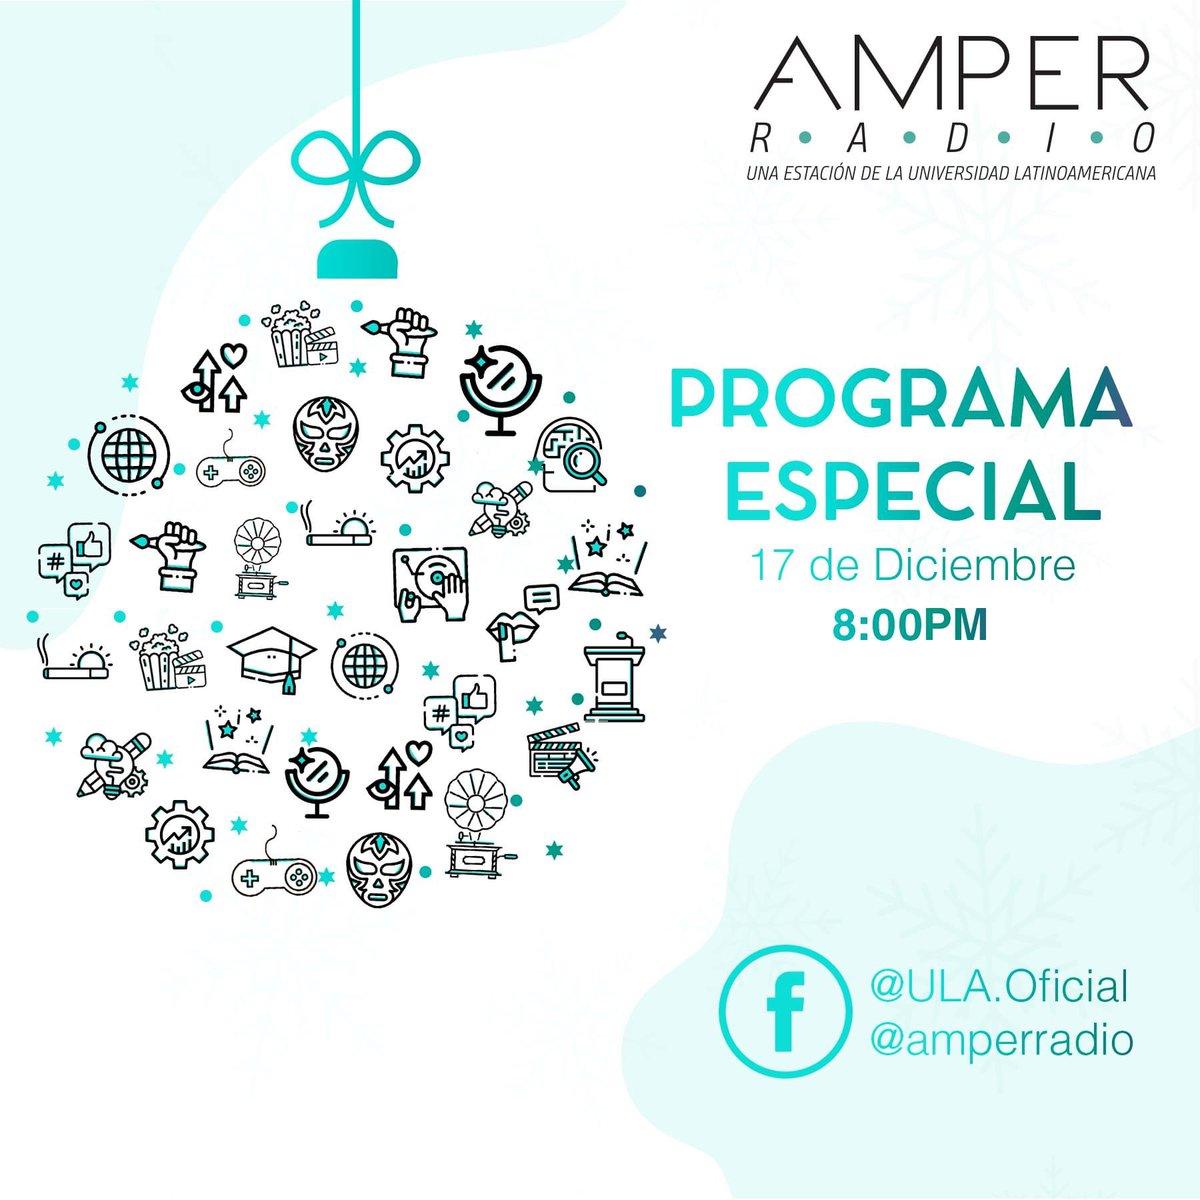 La Universidad Latinoamericana te invita a conectarte al programa especial de la primera temporada de Amper Radio que será transmitido en nuestro Facebook, donde nuestros alumnos y docentes nos platicarán sus anécdotas acerca de este primer capítulo. 📻🎙  ¡No te lo pierdas! https://t.co/MXIIPlKmOi